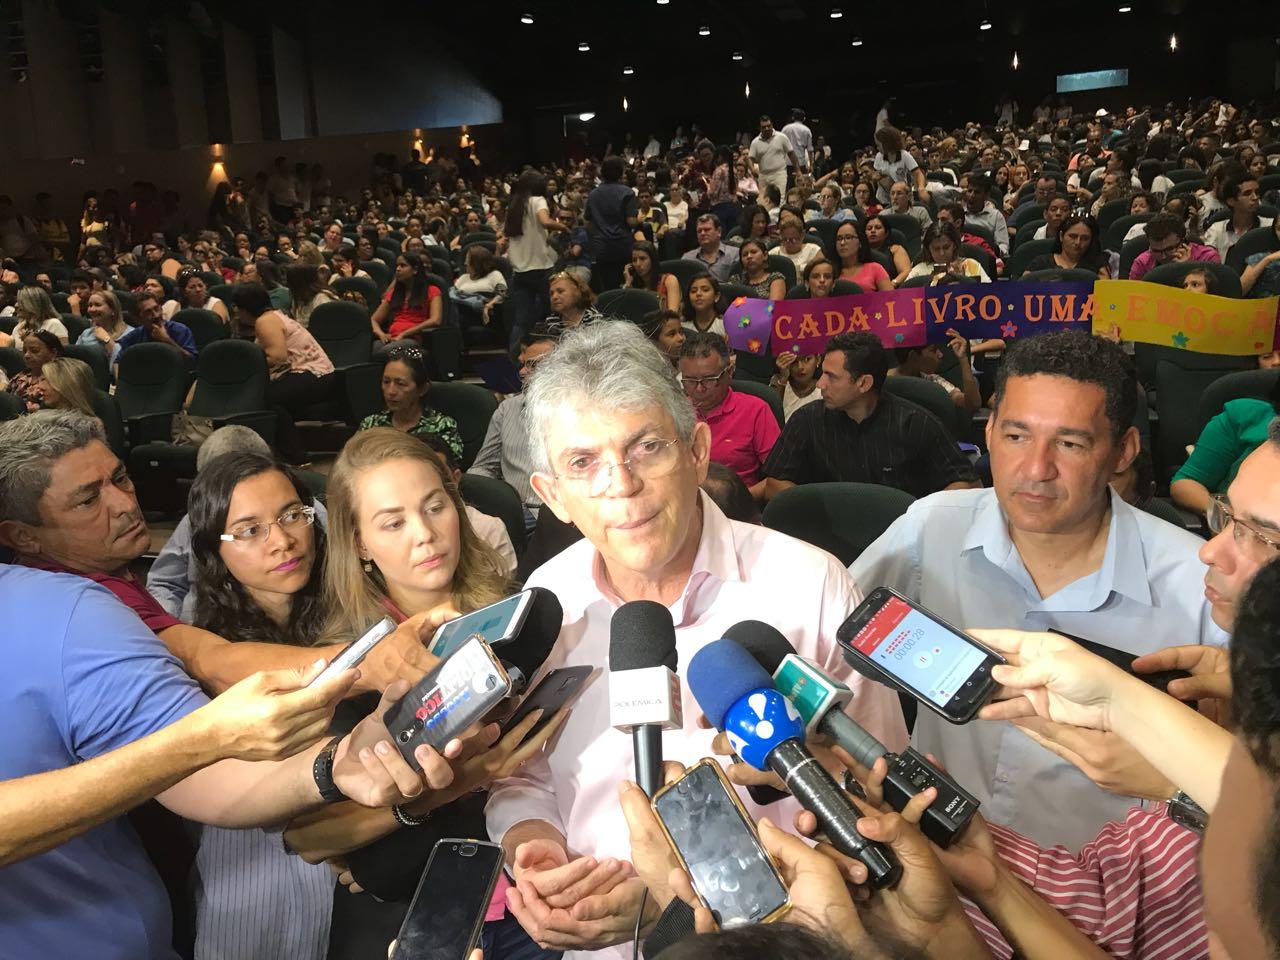 IMG 20171113 WA0009 - 'Eles continuam desconfiando uns dos outros, continuam querendo conversar comigo', Ricardo reafirma desunião da oposição